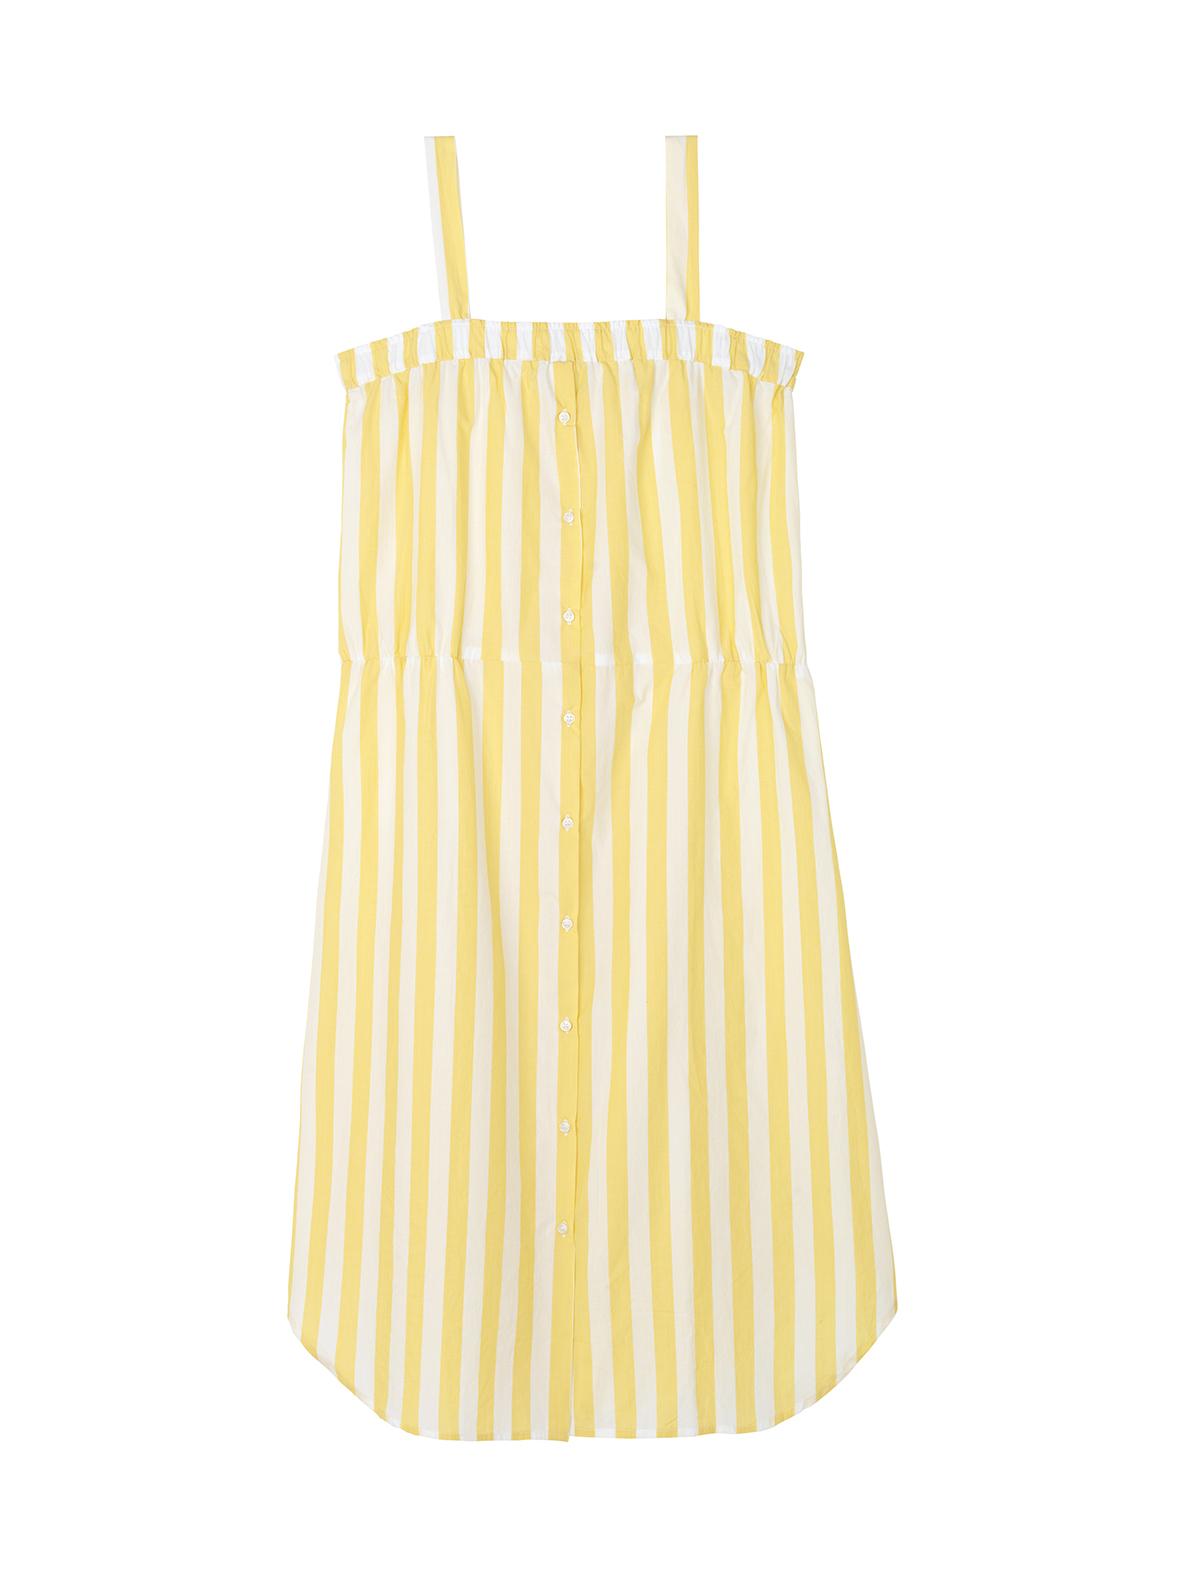 4e8e3c43 Enula9 - Nyheder - AIAYU - Circle Tove Dress - Mix Banana